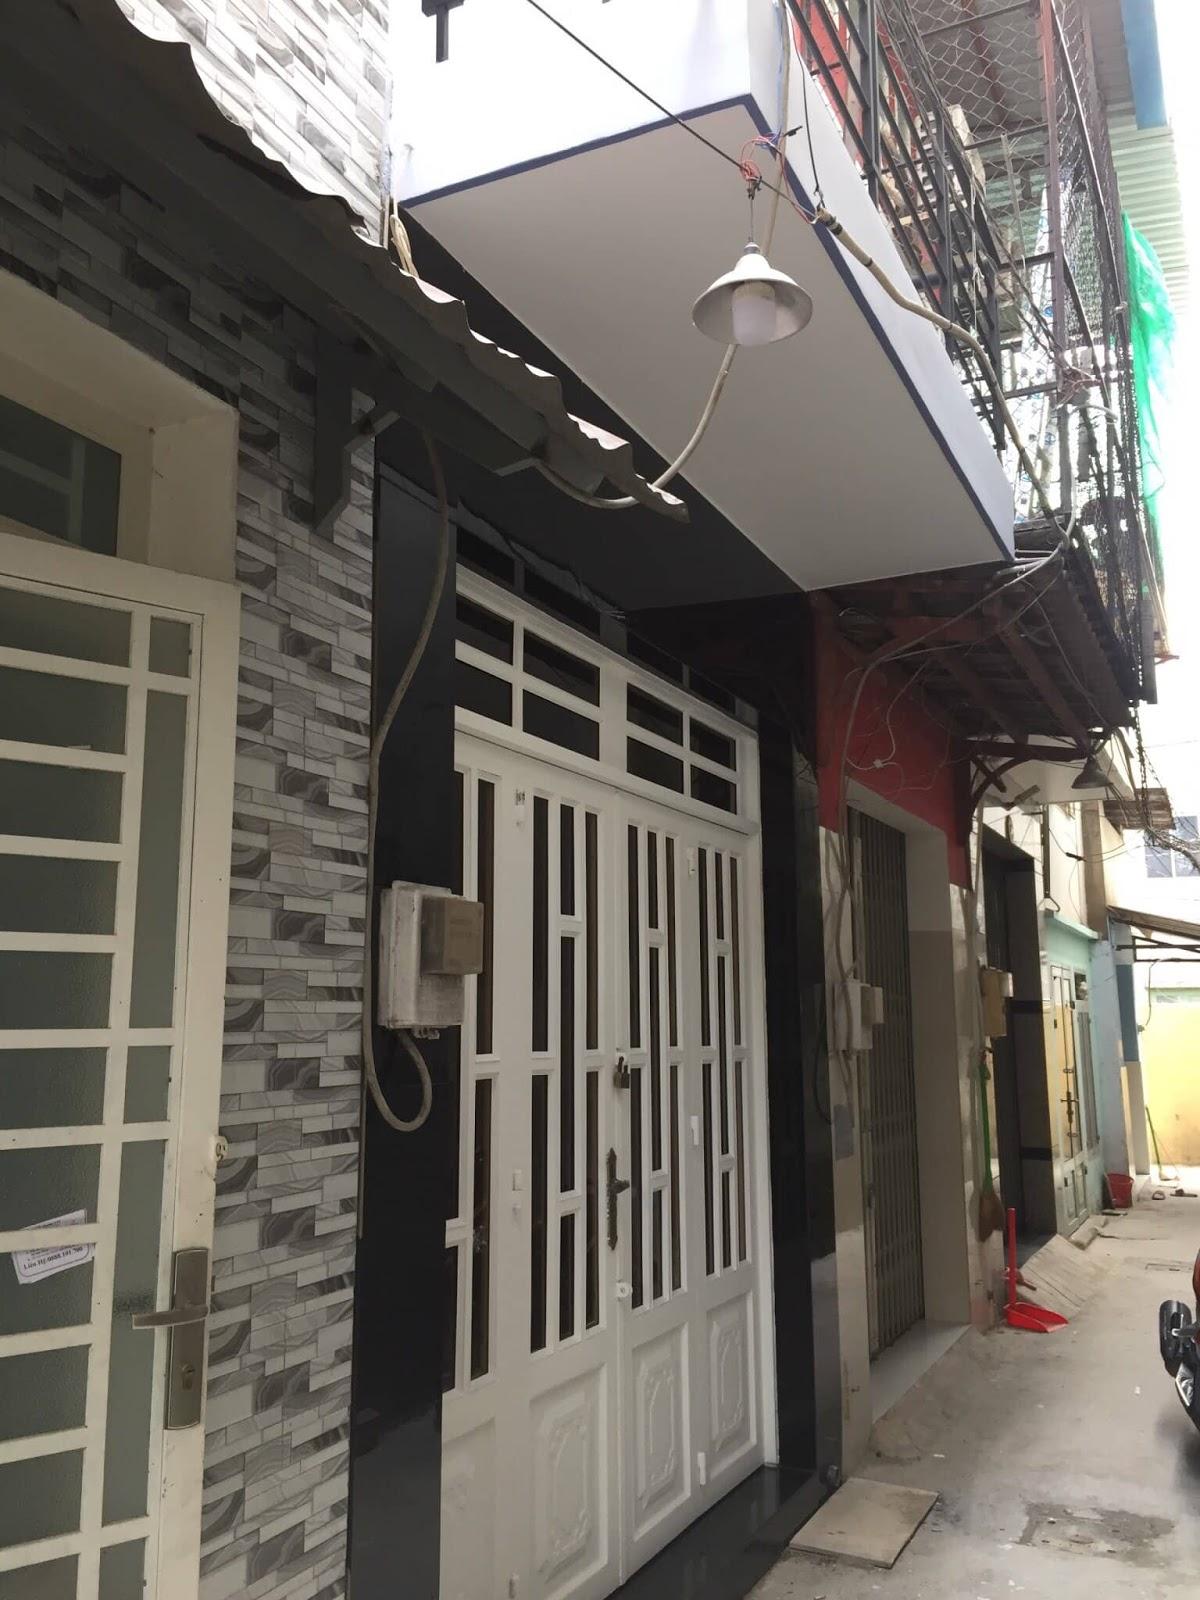 Bán nhà hẻm 23 Nguyễn Hữu Tiến phường Tây Thạnh quận Tân Phú. DT 3x8,72m